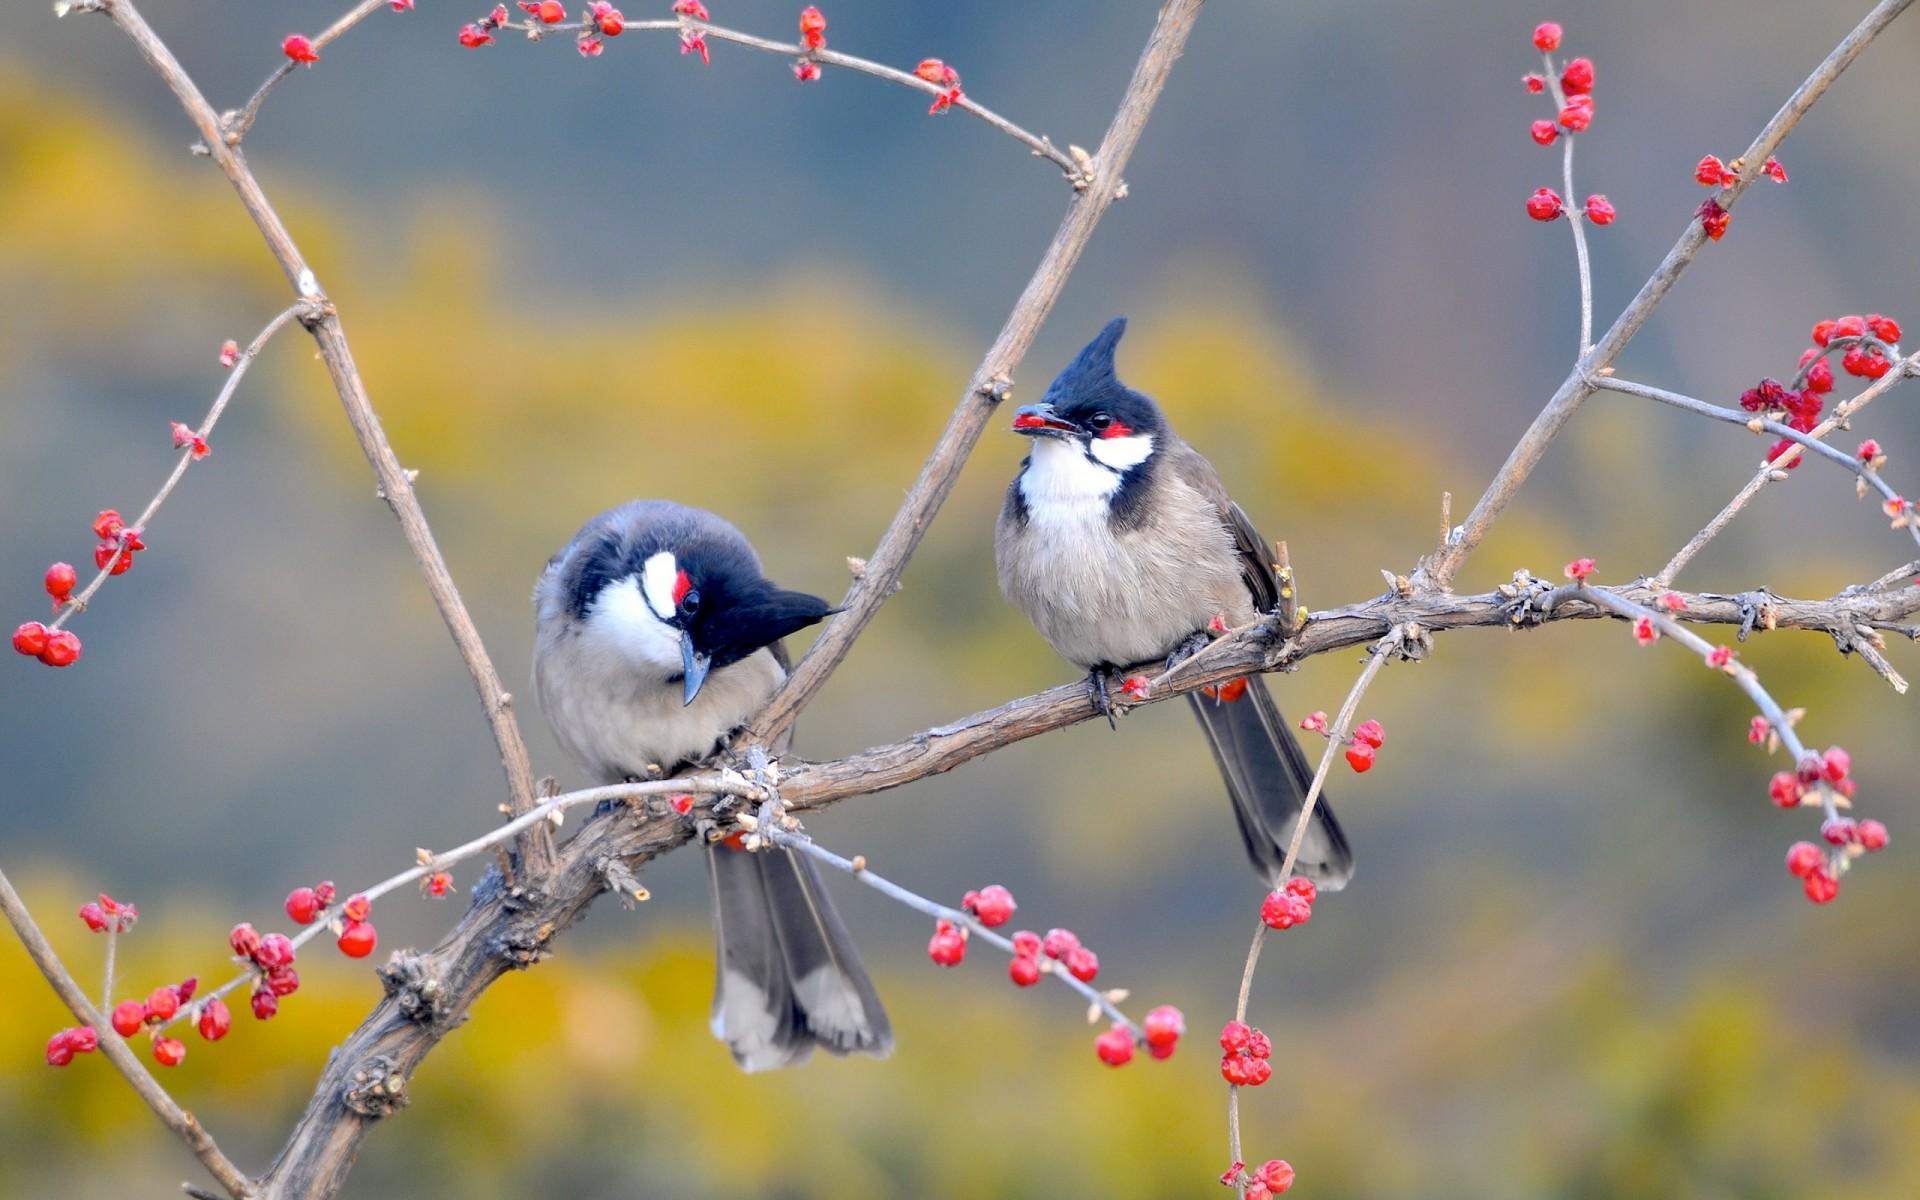 Hình nền chim mào đỏ